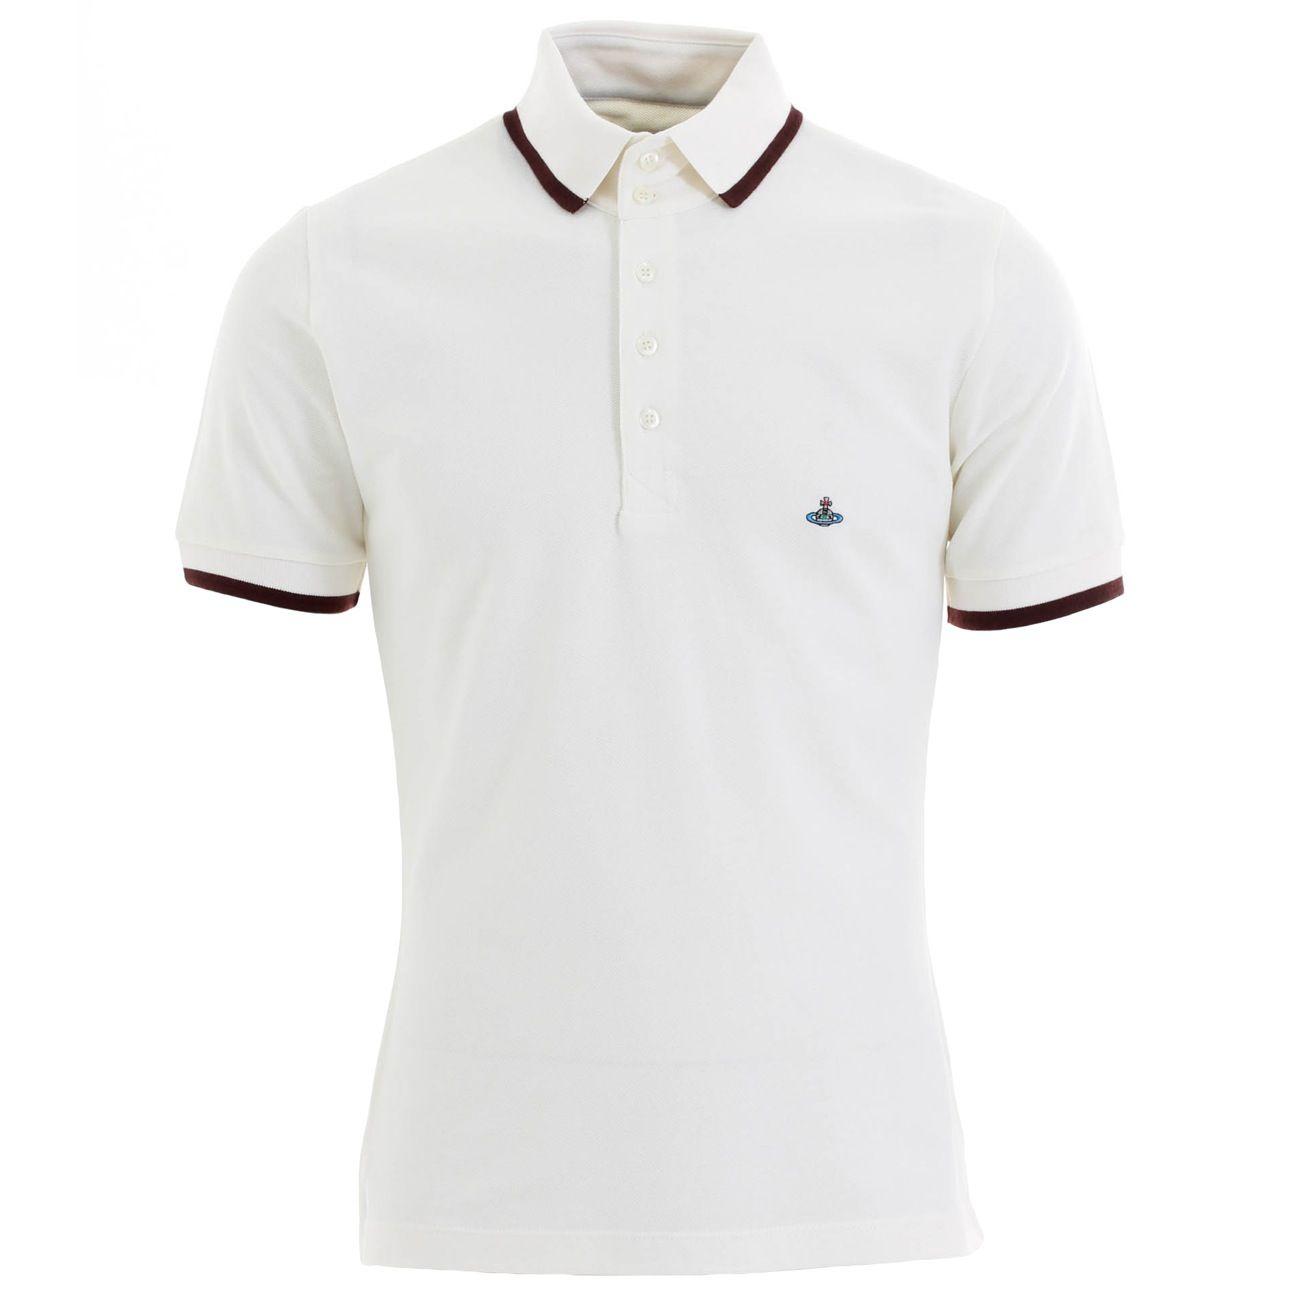 boss polo shirts sale uk